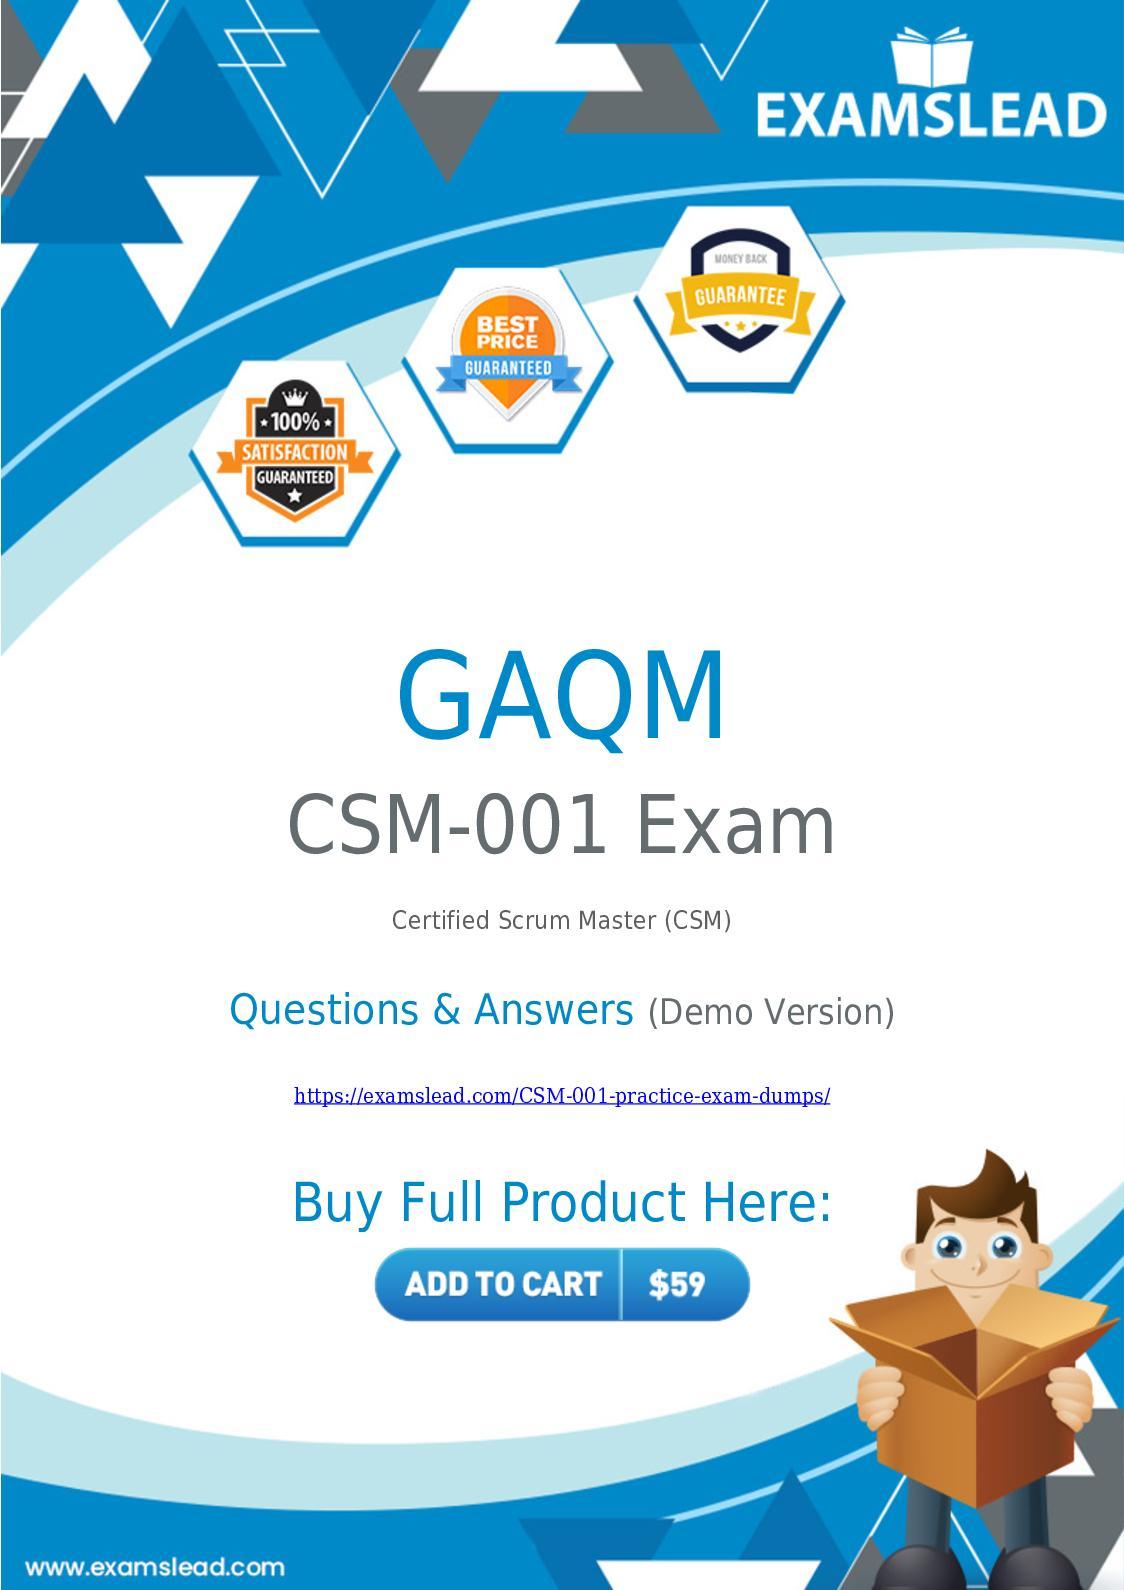 Calamo Csm 001 Exam Dumps Prepare Your Exam With Actual Csm 001